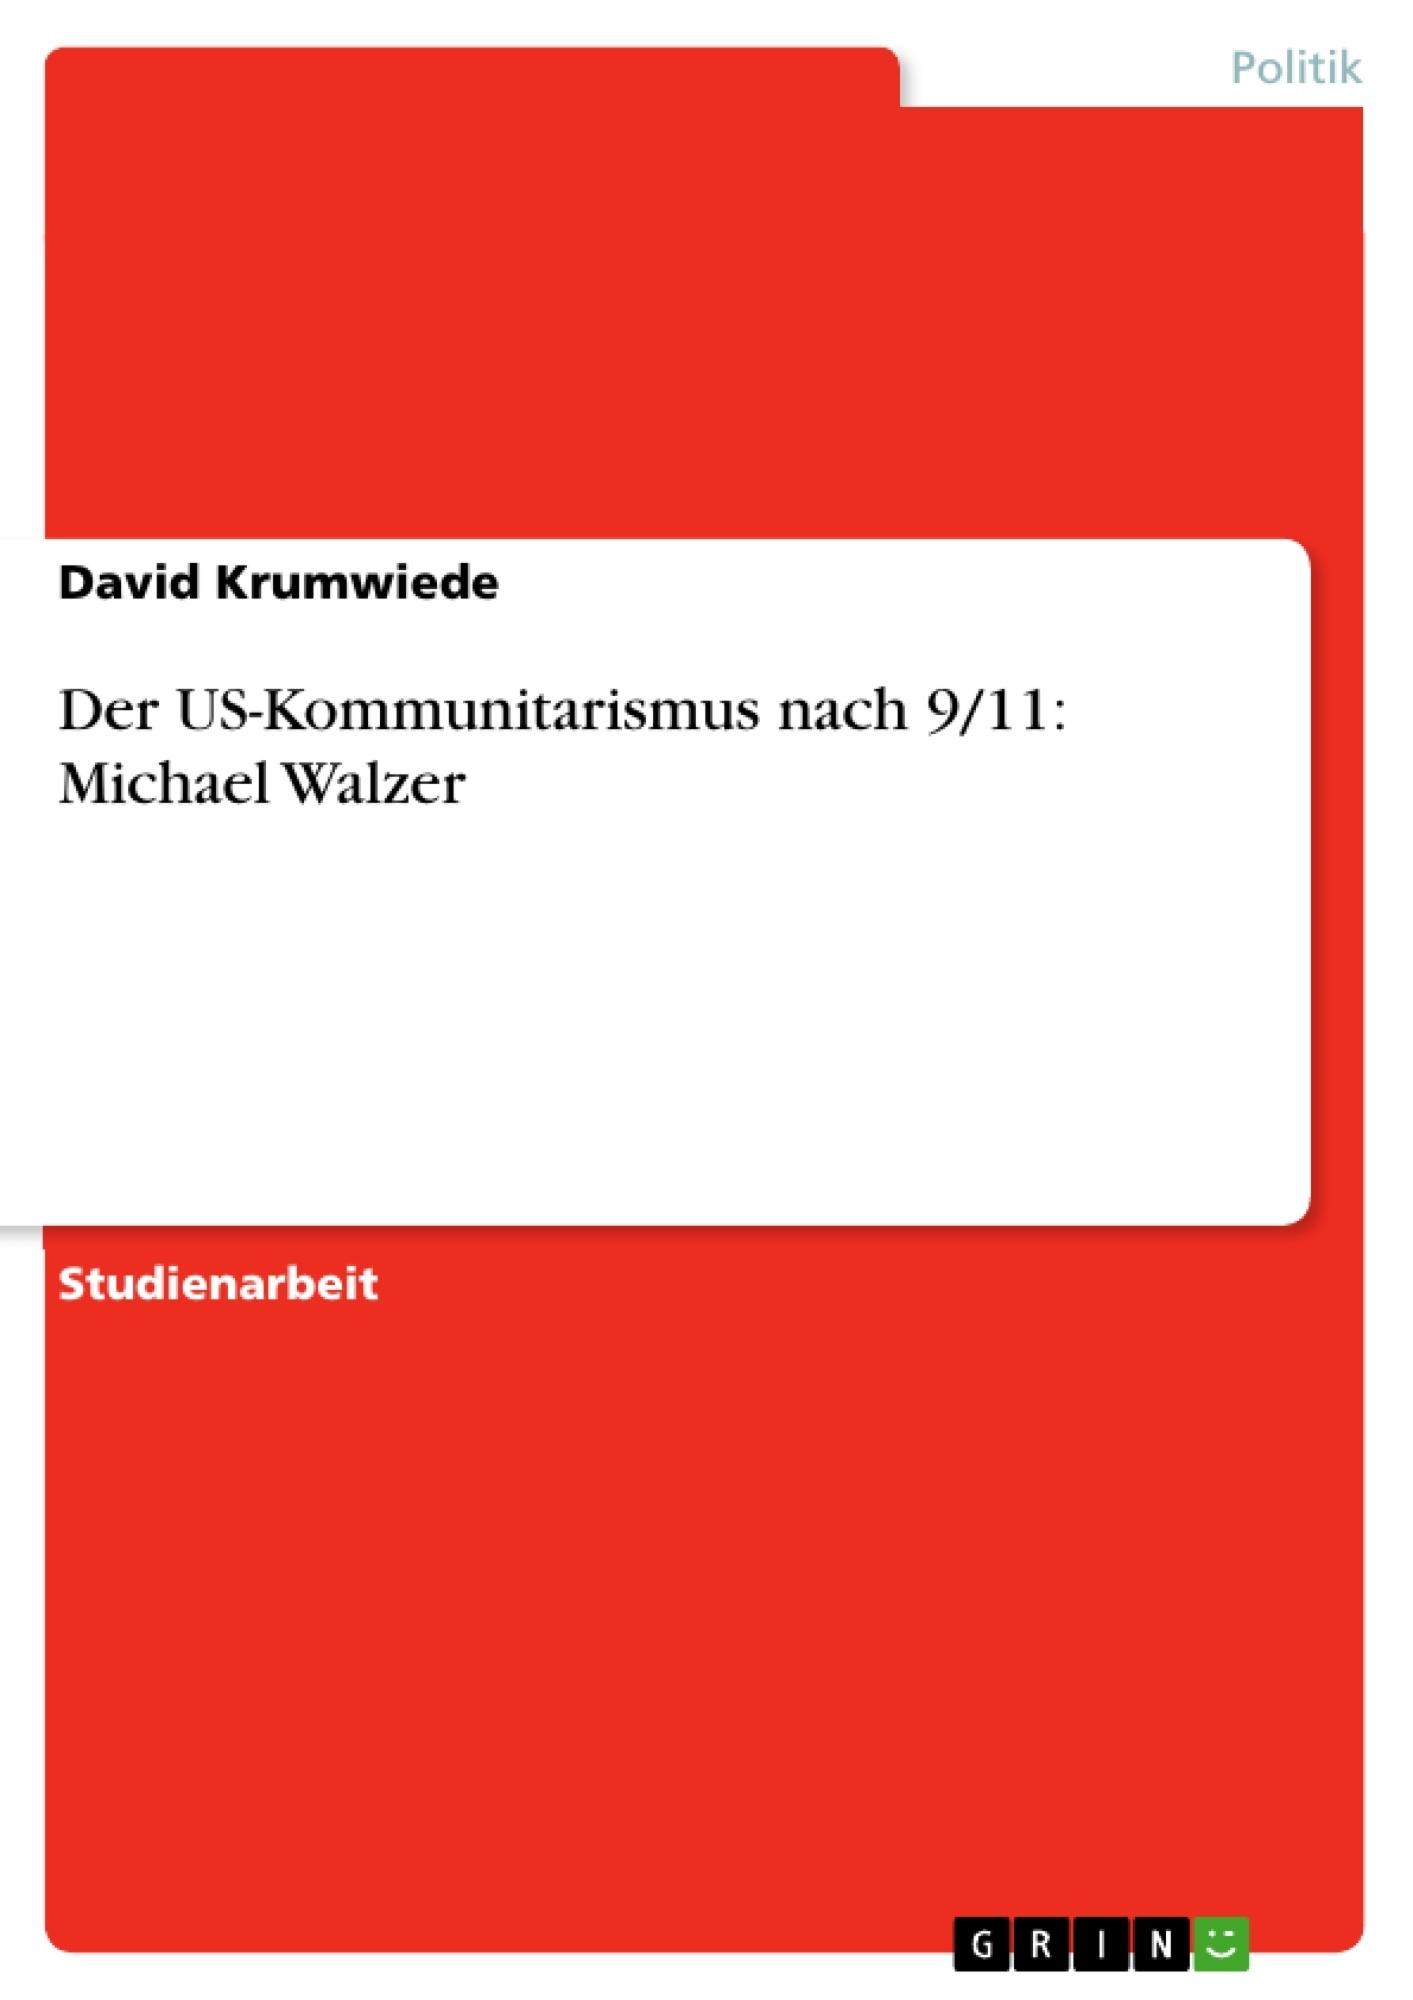 Titel: Der US-Kommunitarismus nach 9/11: Michael Walzer